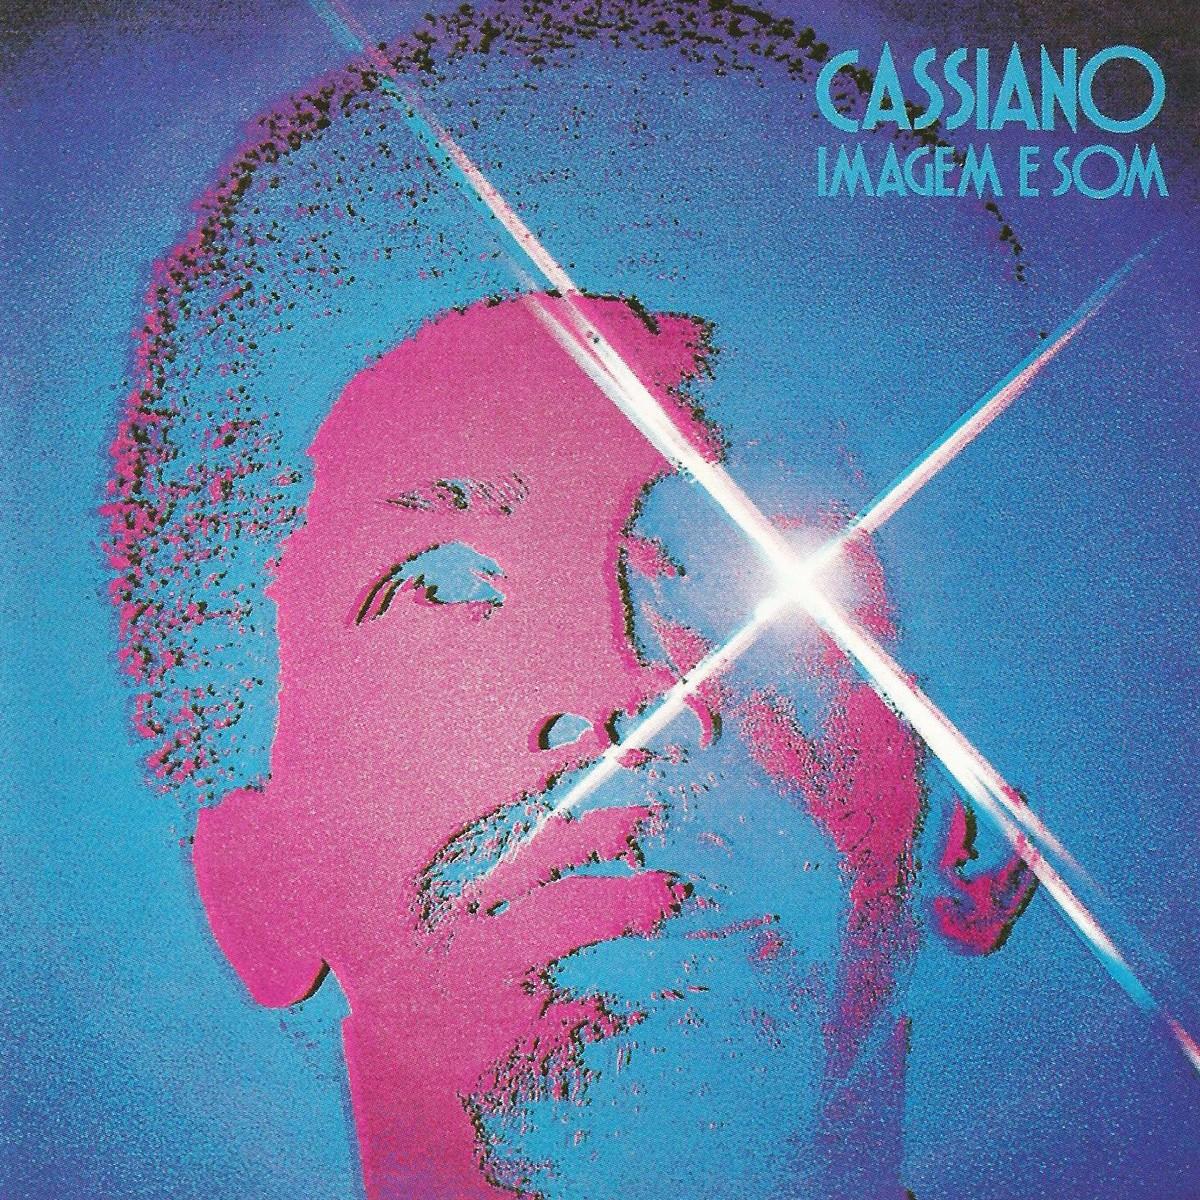 Primeiro álbum solo de Cassiano, 'Imagem e som' faz 50 anos como joia ainda moderna do baú da música brasileira